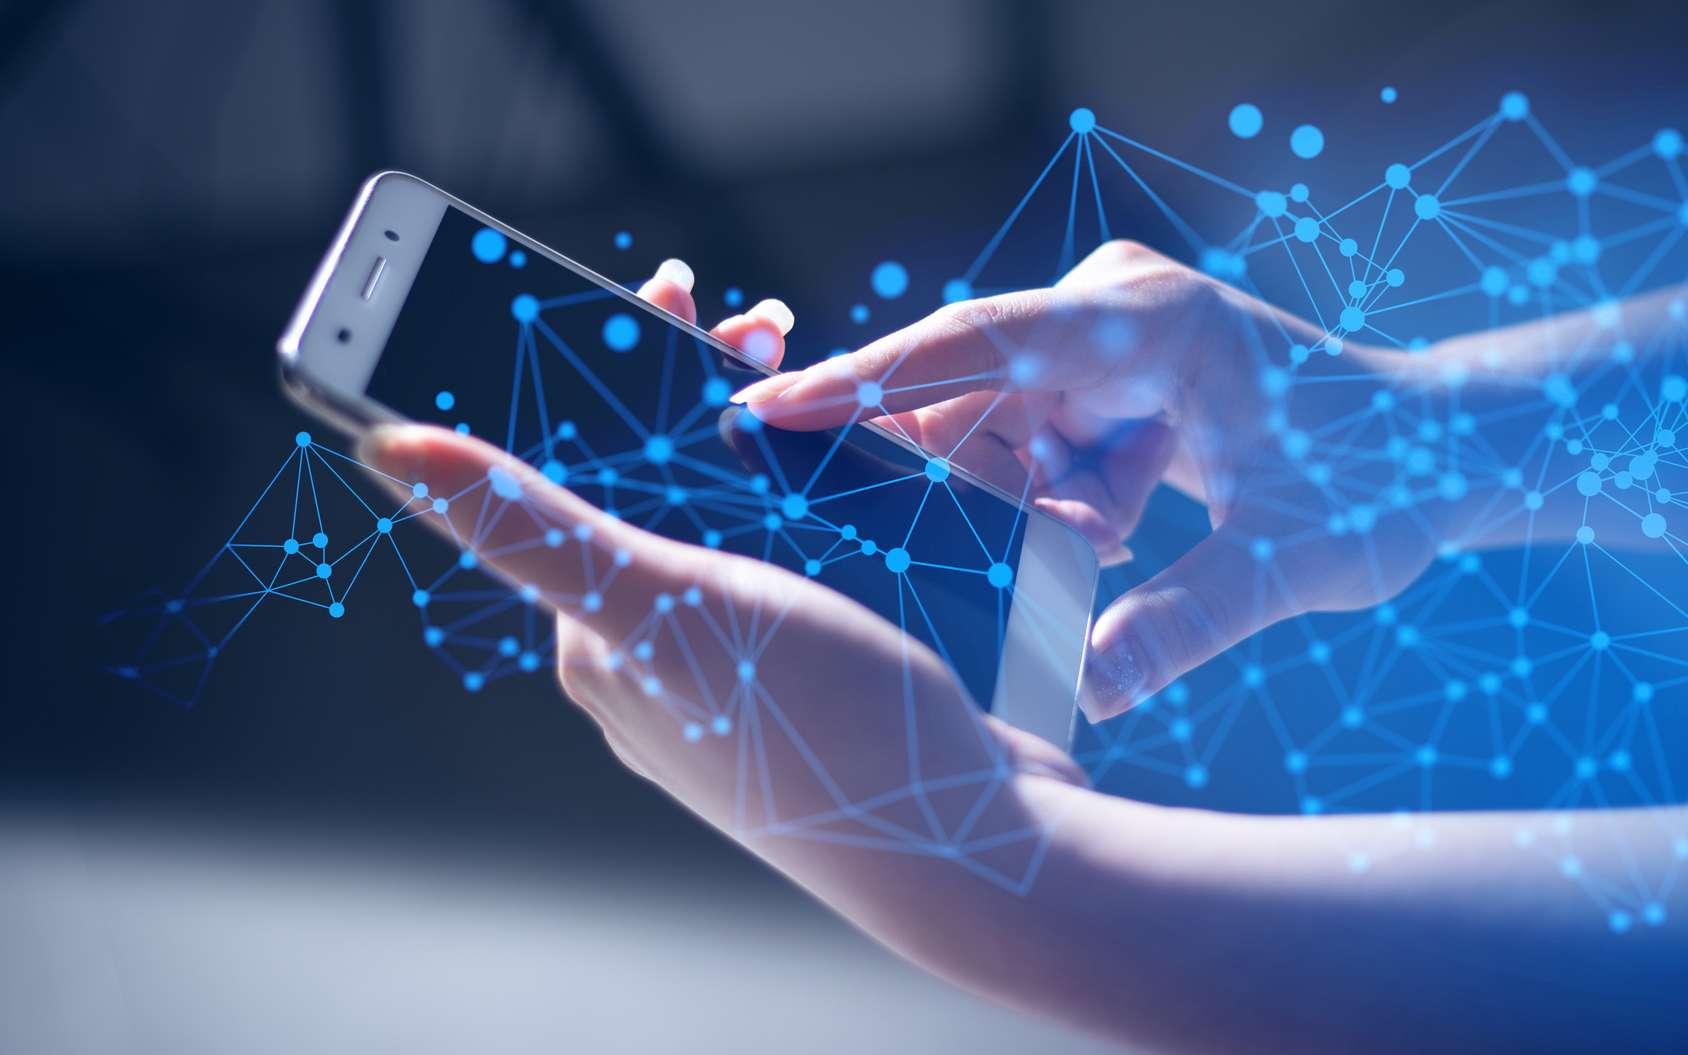 Le classement des smartphones qui émettent le plus d'ondes. © issaronow, Fotolia